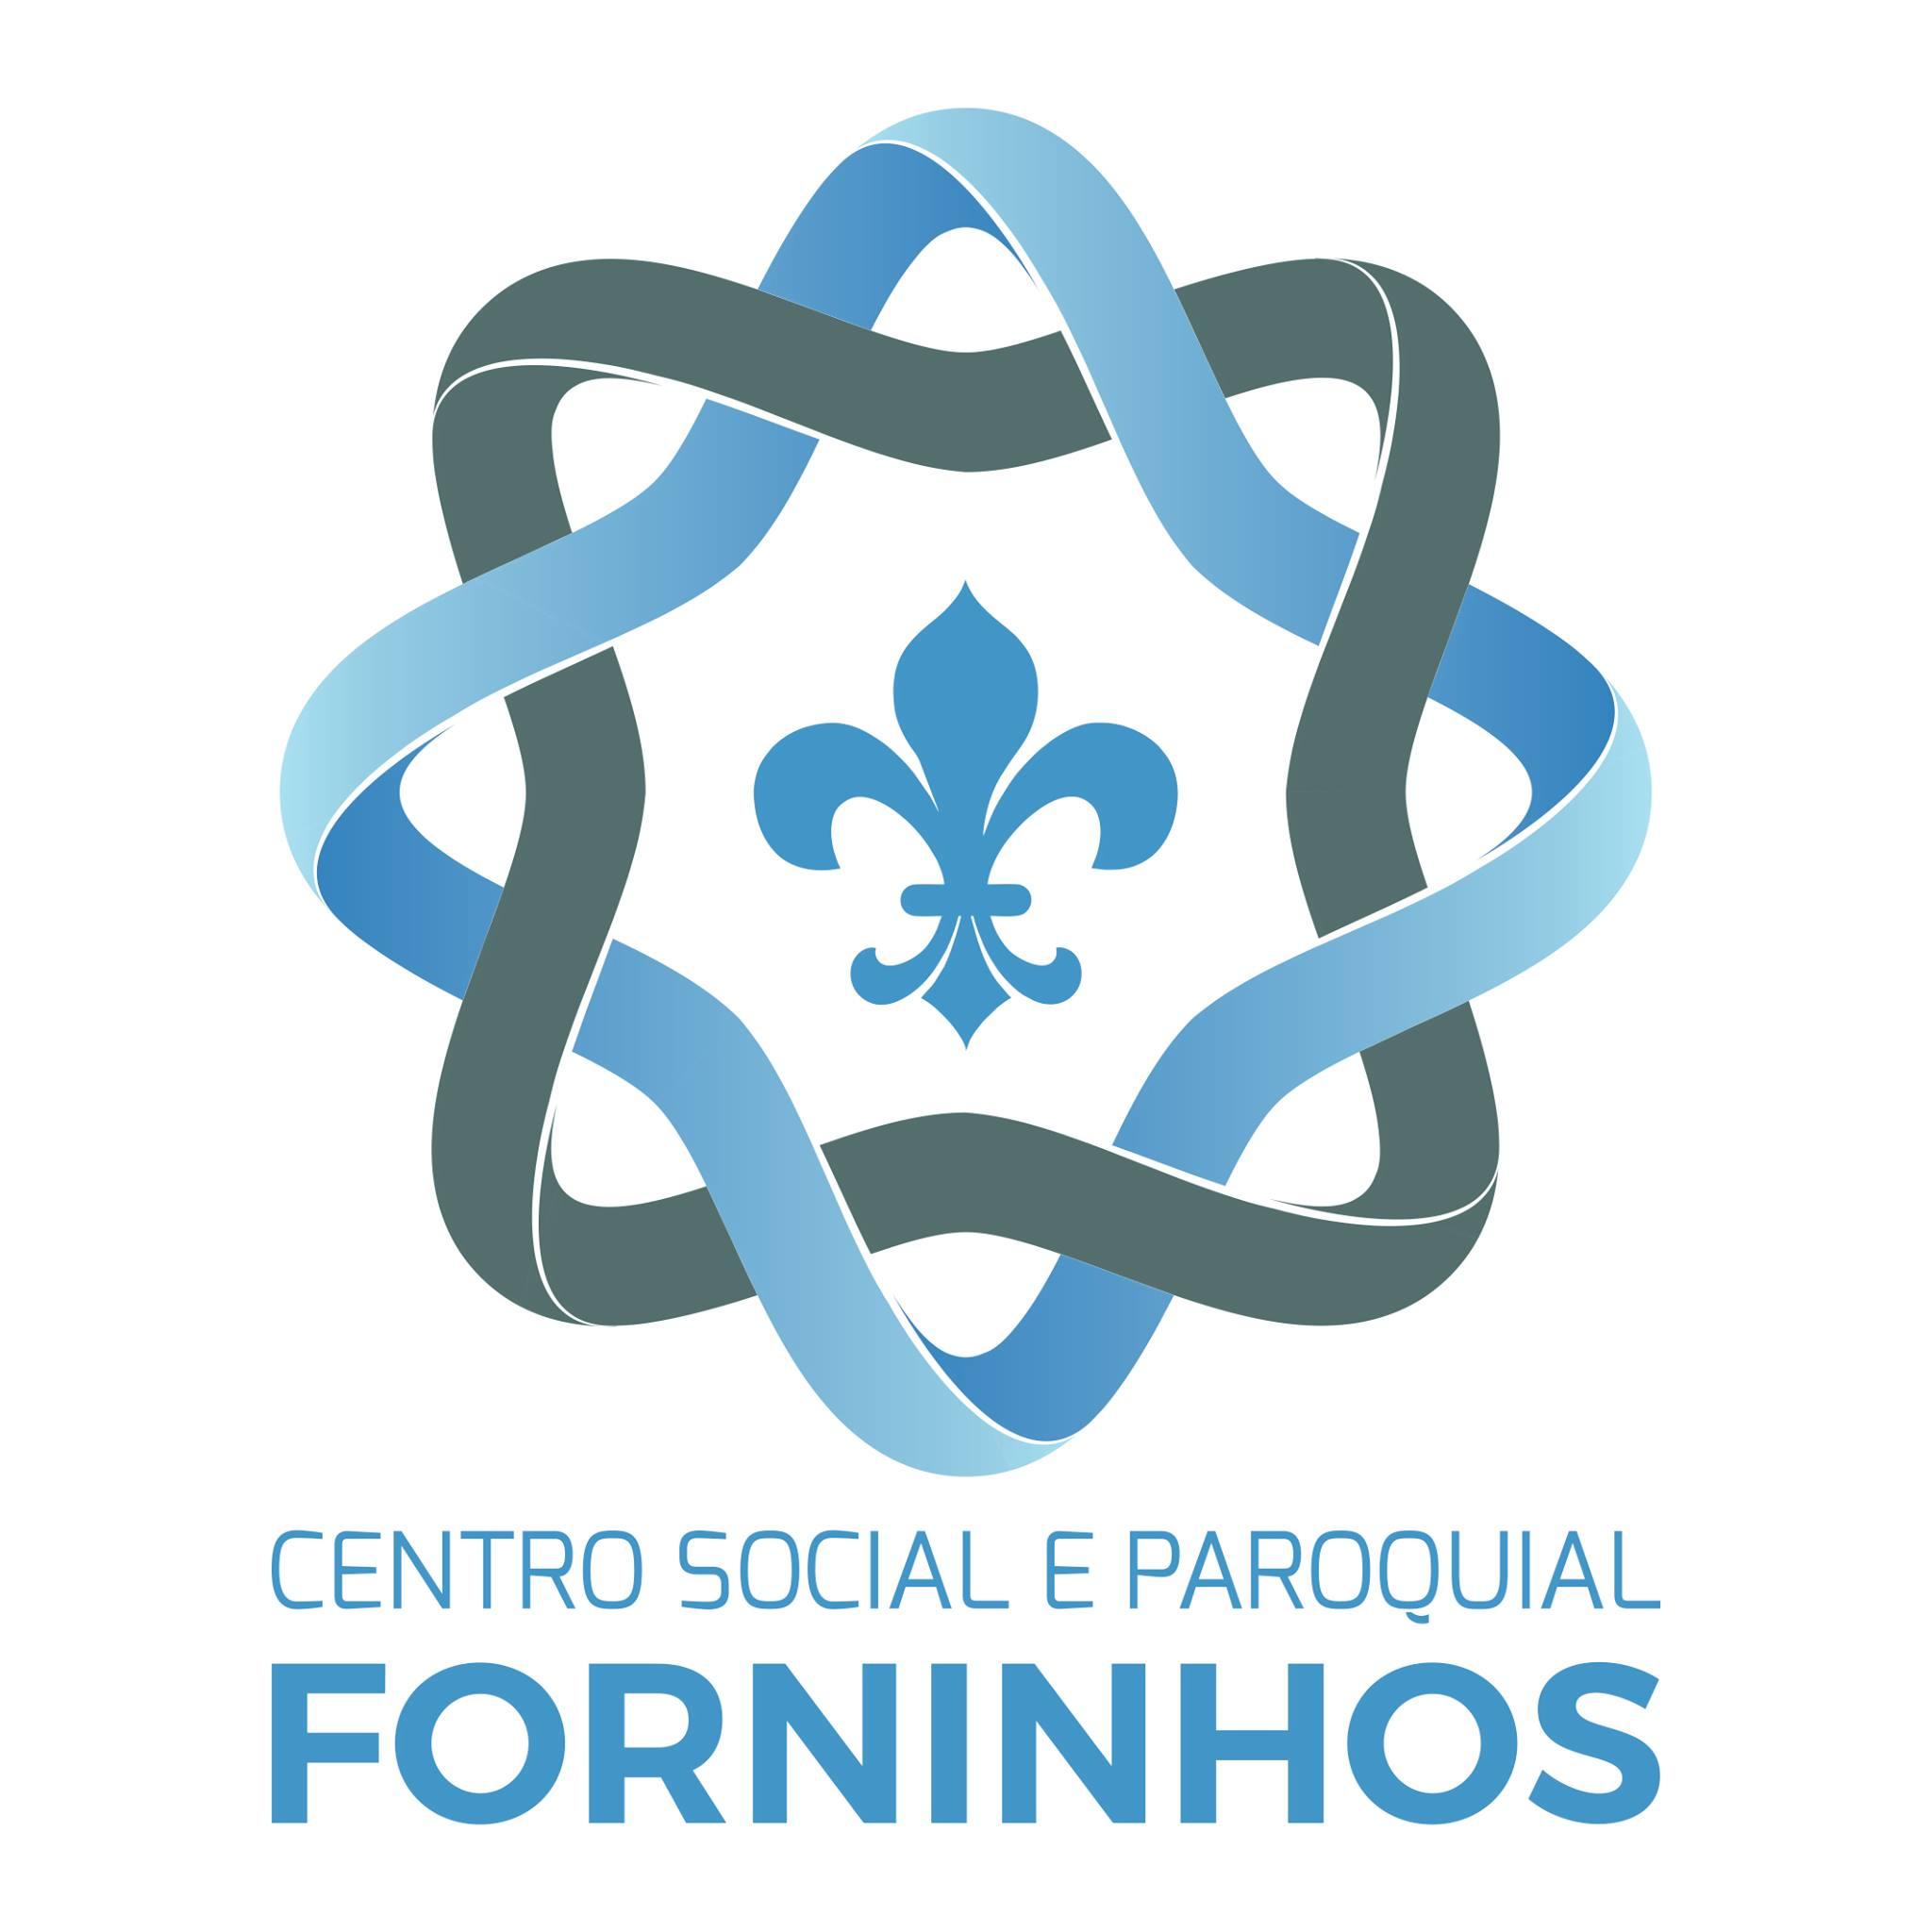 Centro Social e Paroquial de Forninhos